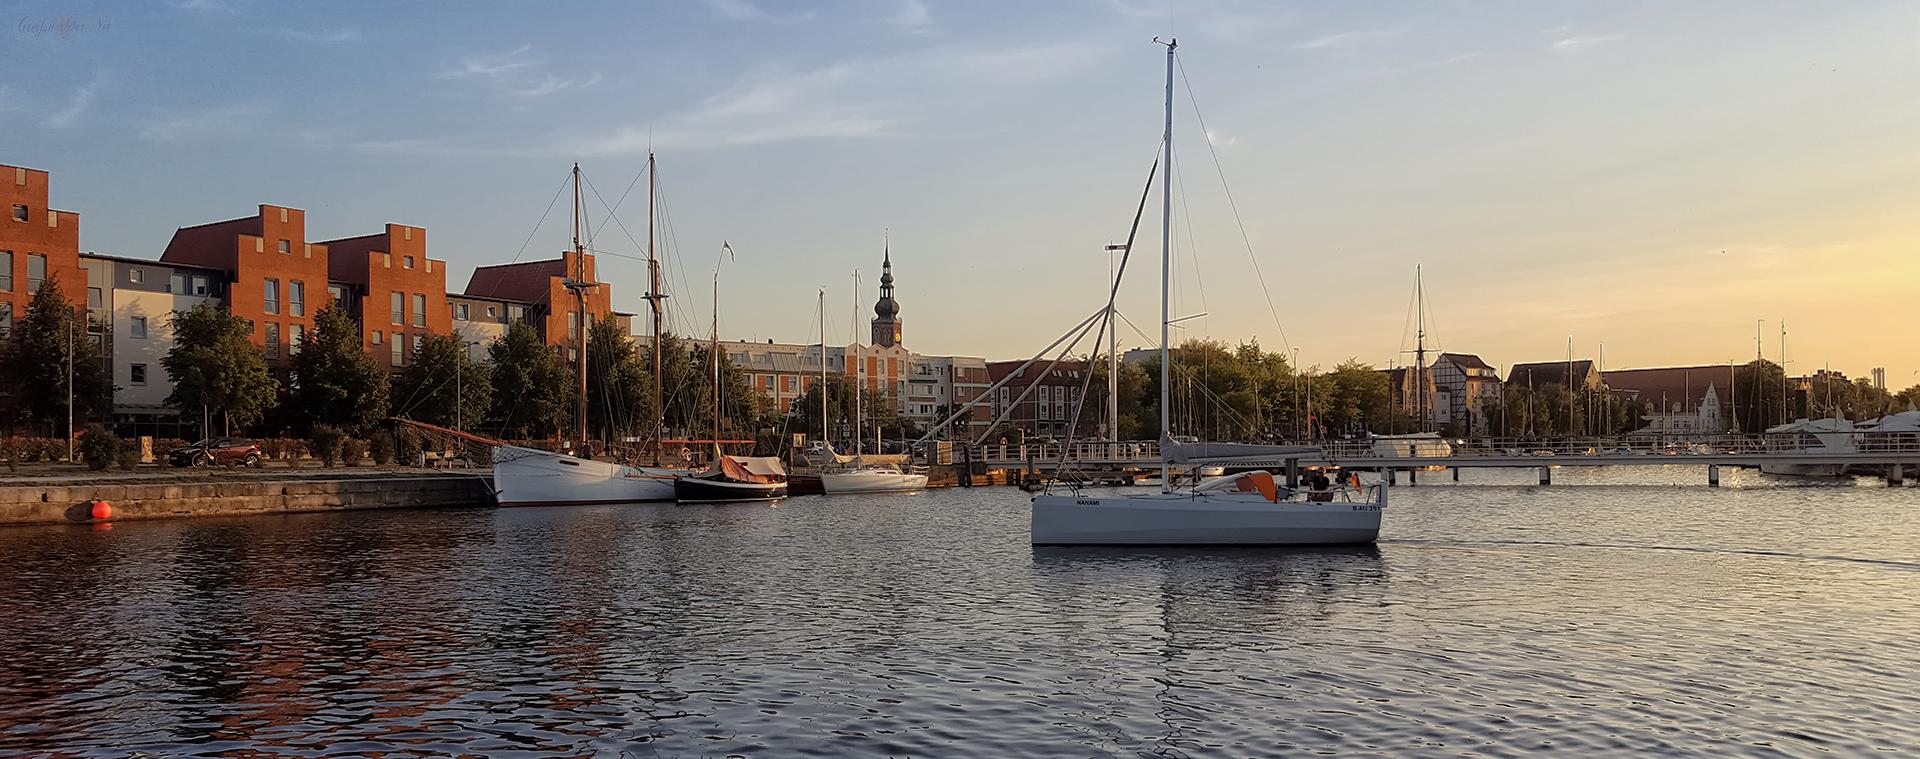 Spätsommerabend am Museumshafen in Greifswald